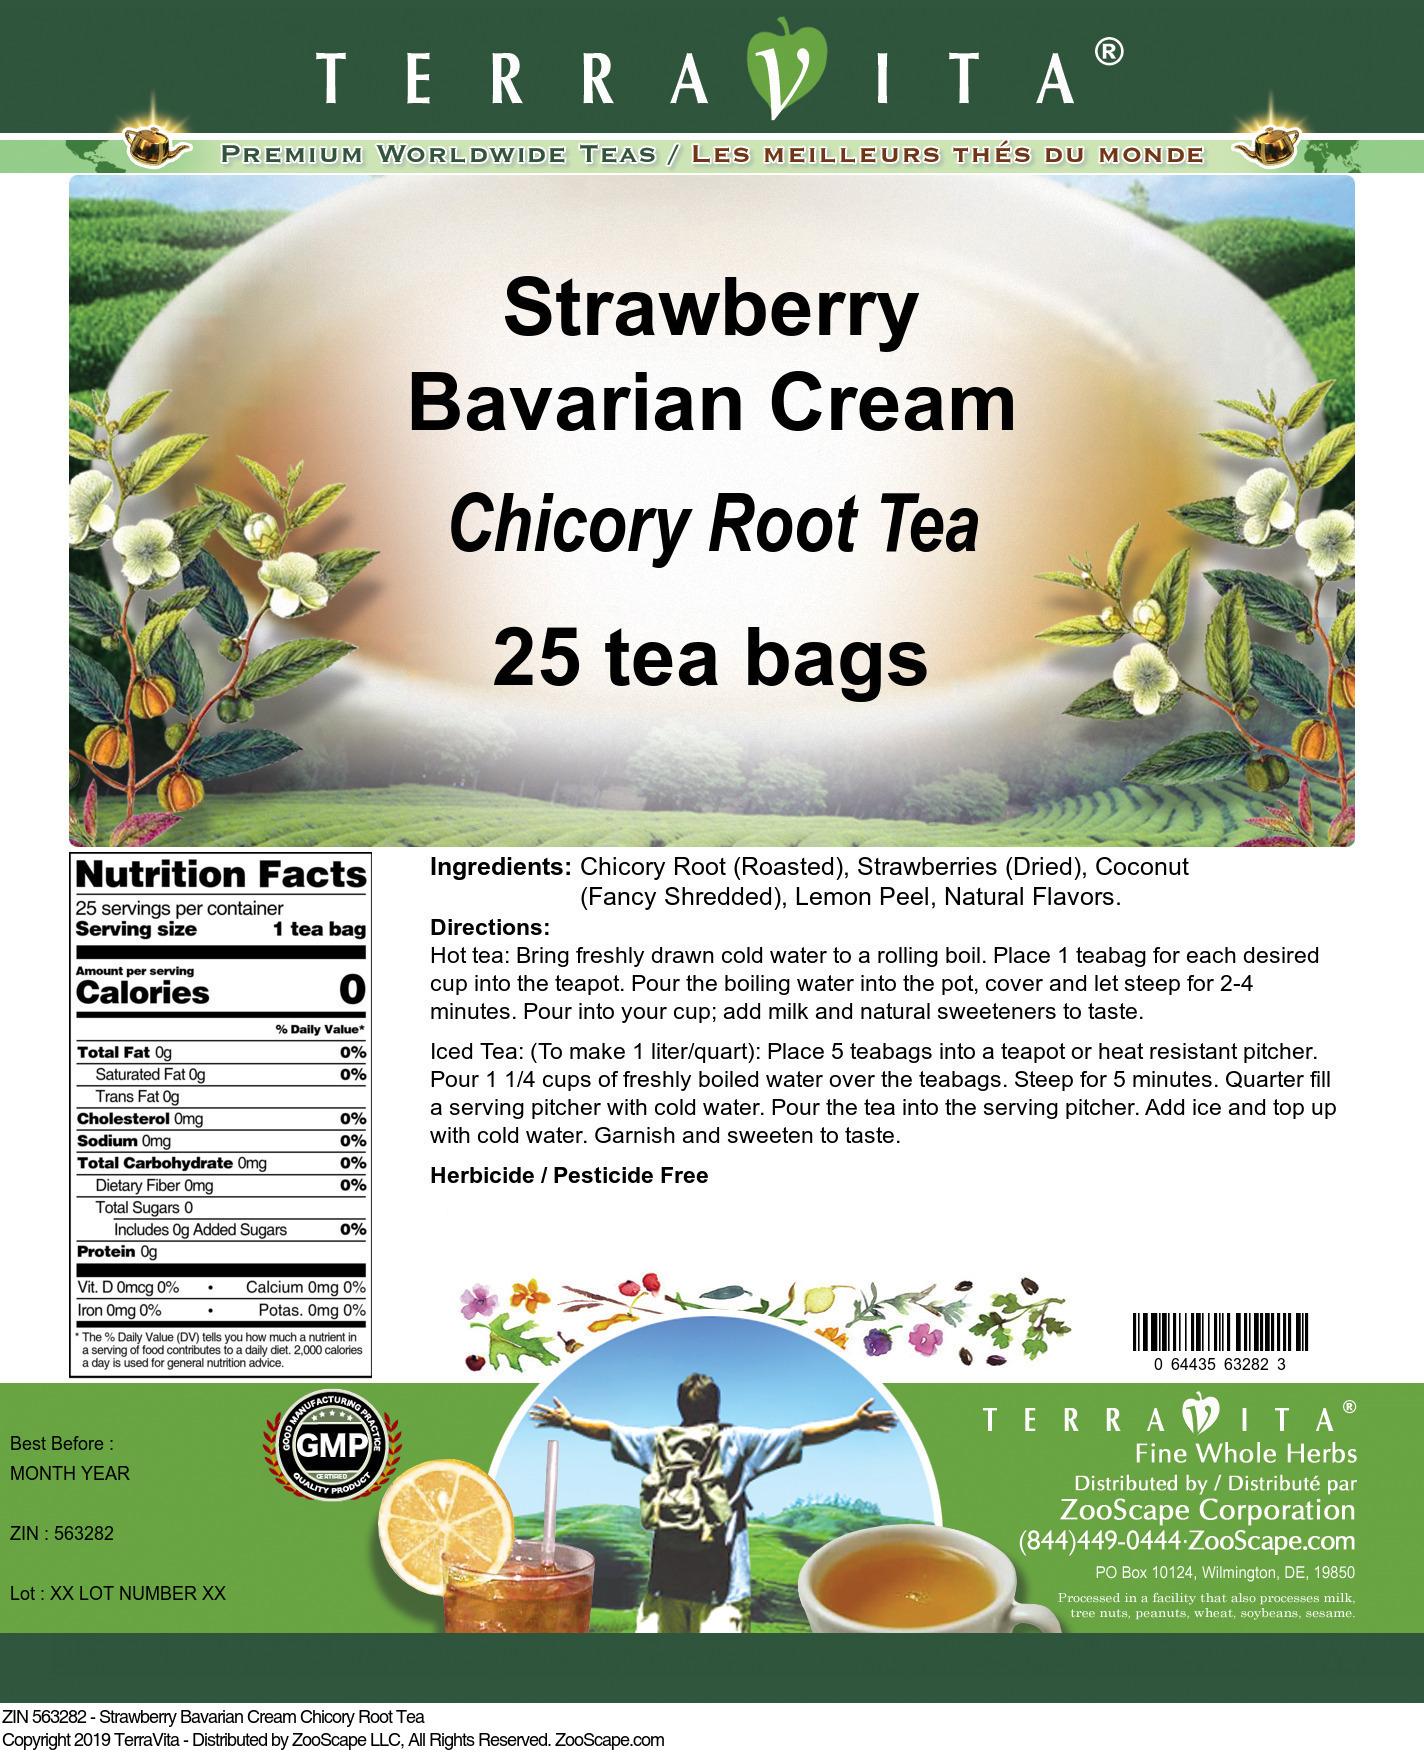 Strawberry Bavarian Cream Chicory Root Tea